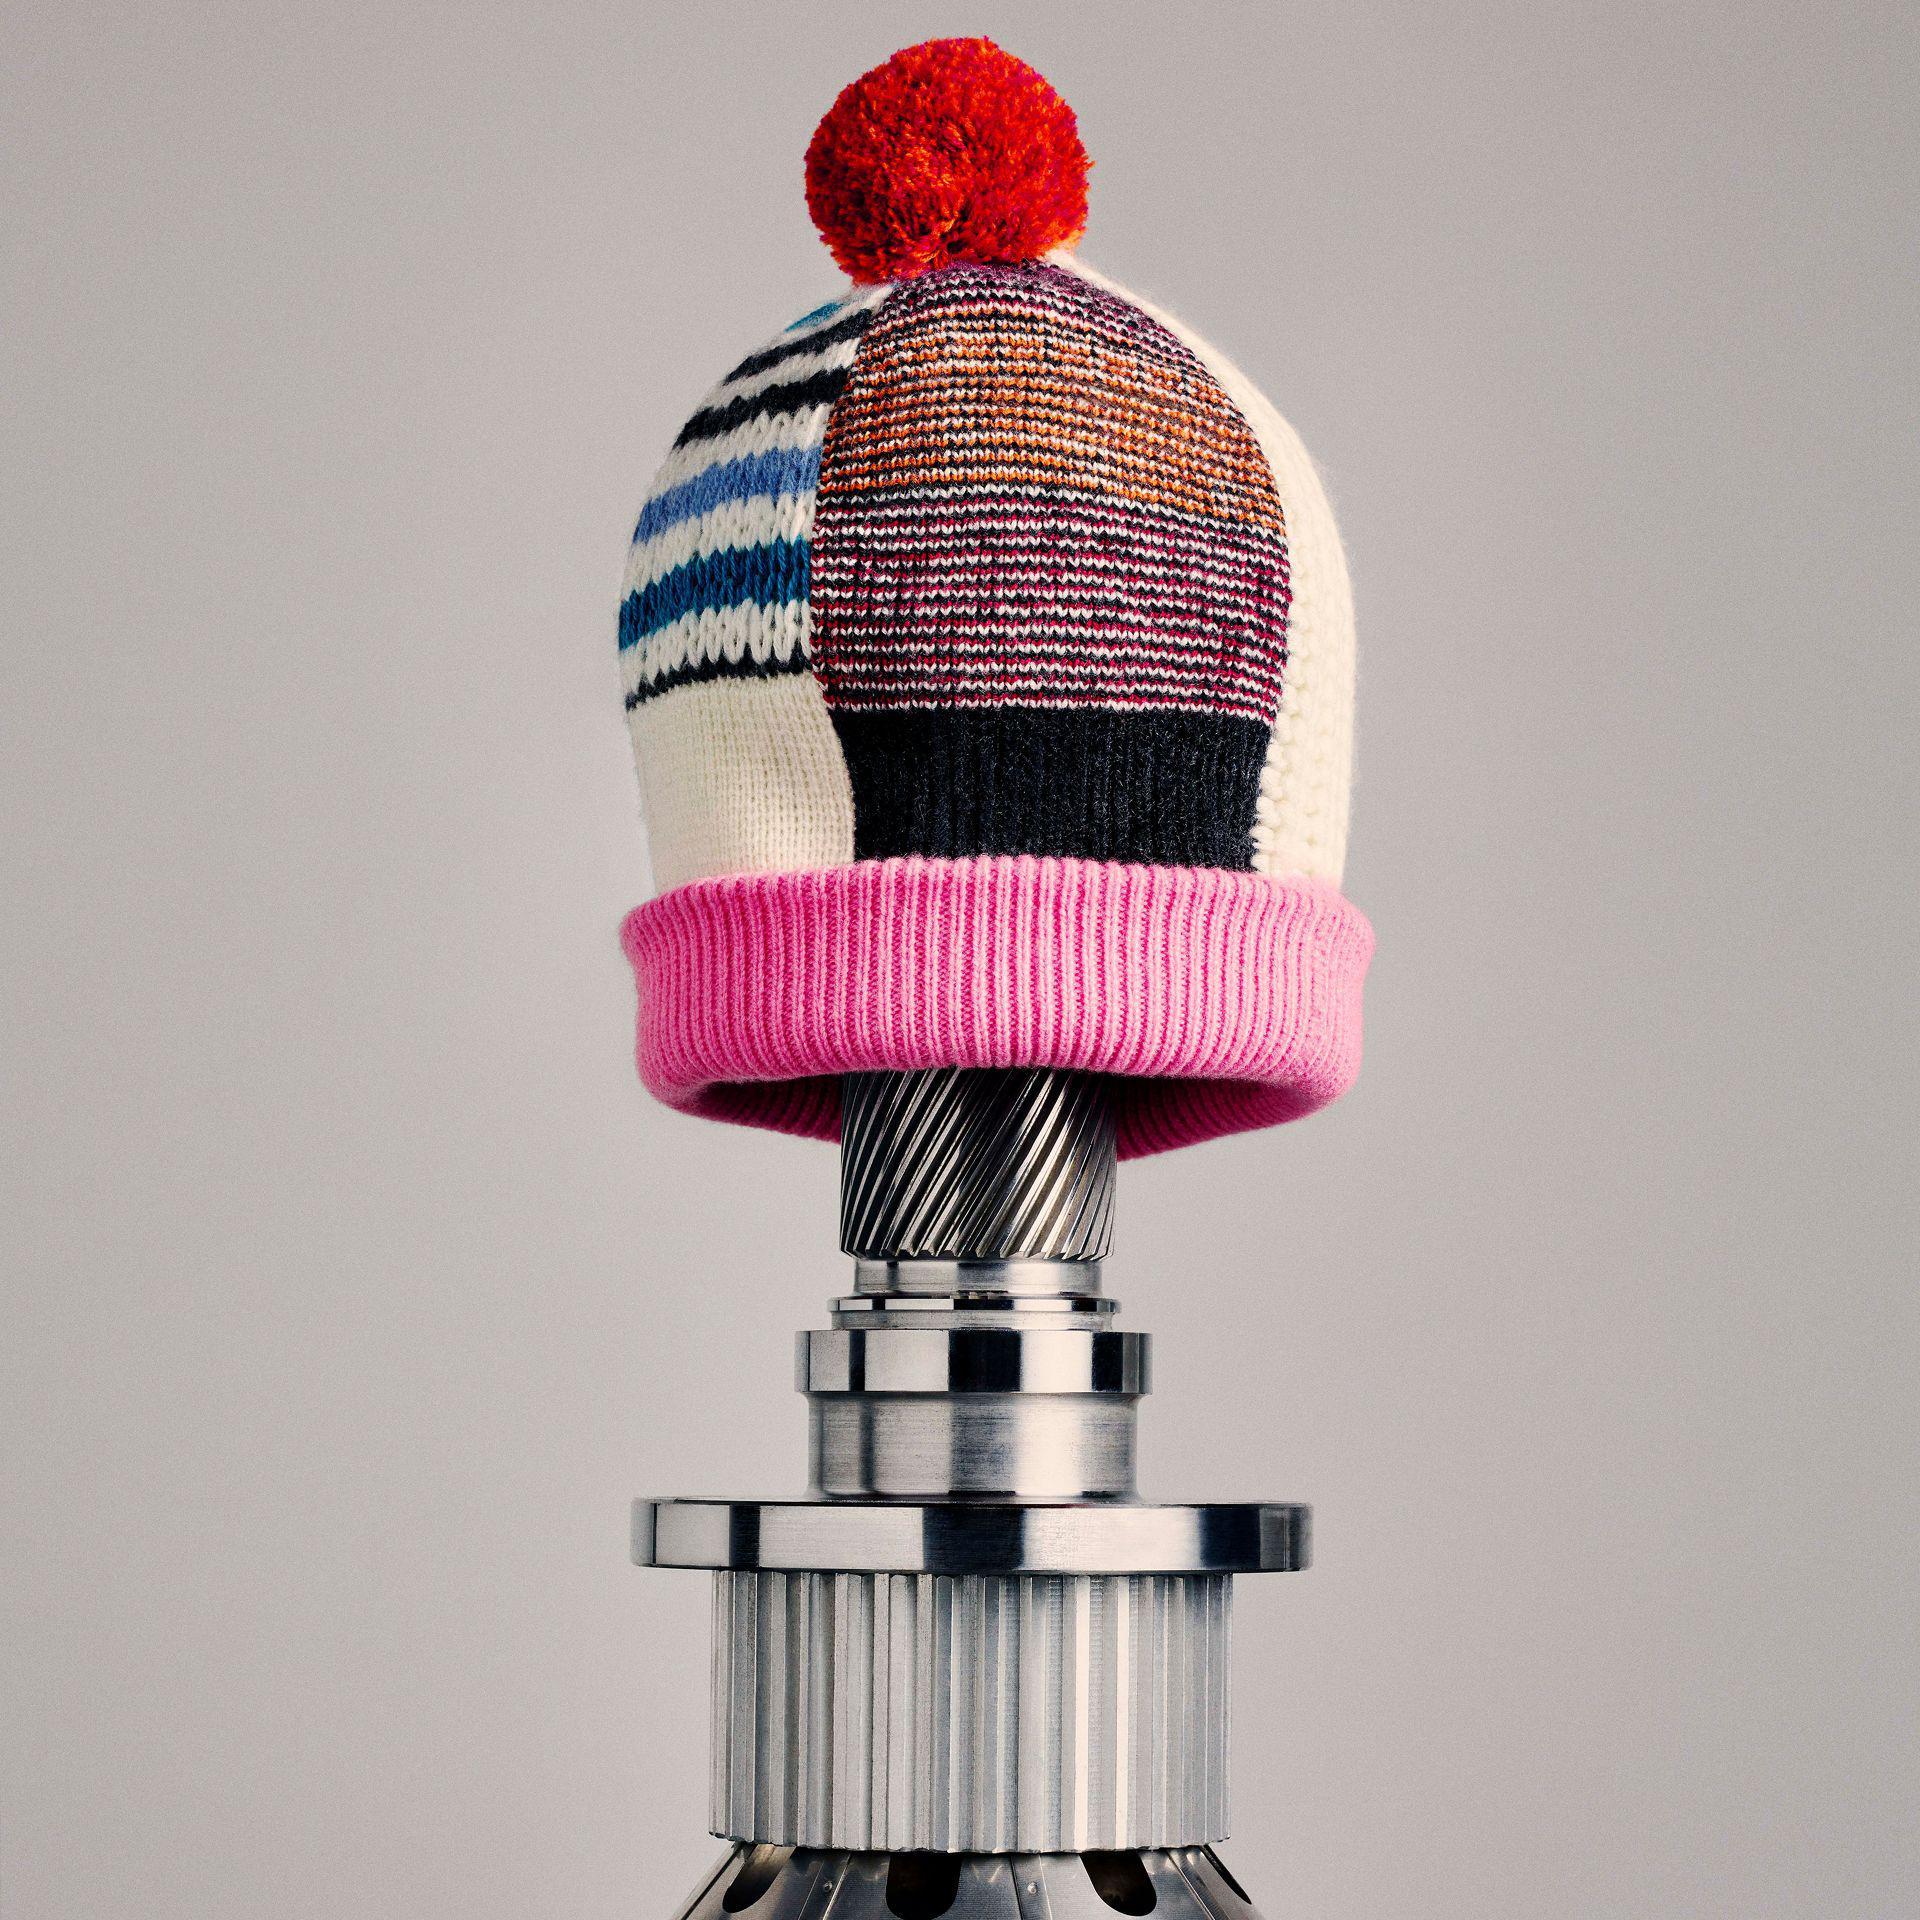 0e29e75ec Burberry Pink Pom-pom Wool Cashmere Patchwork Beanie